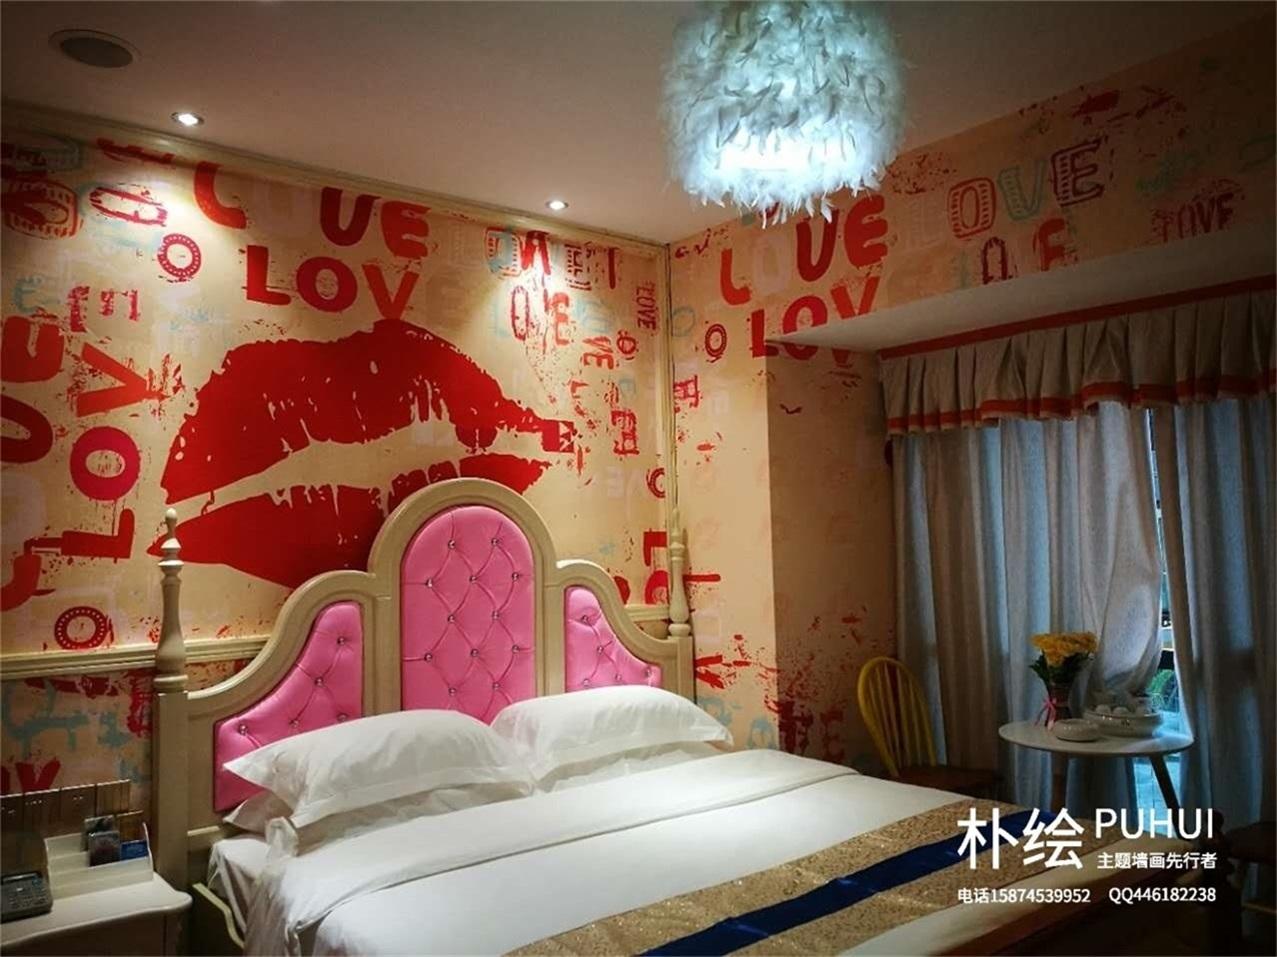 玩物私人壁画房设计视频效果图酒店情趣设计玩物精品情侣小酒店情趣图片